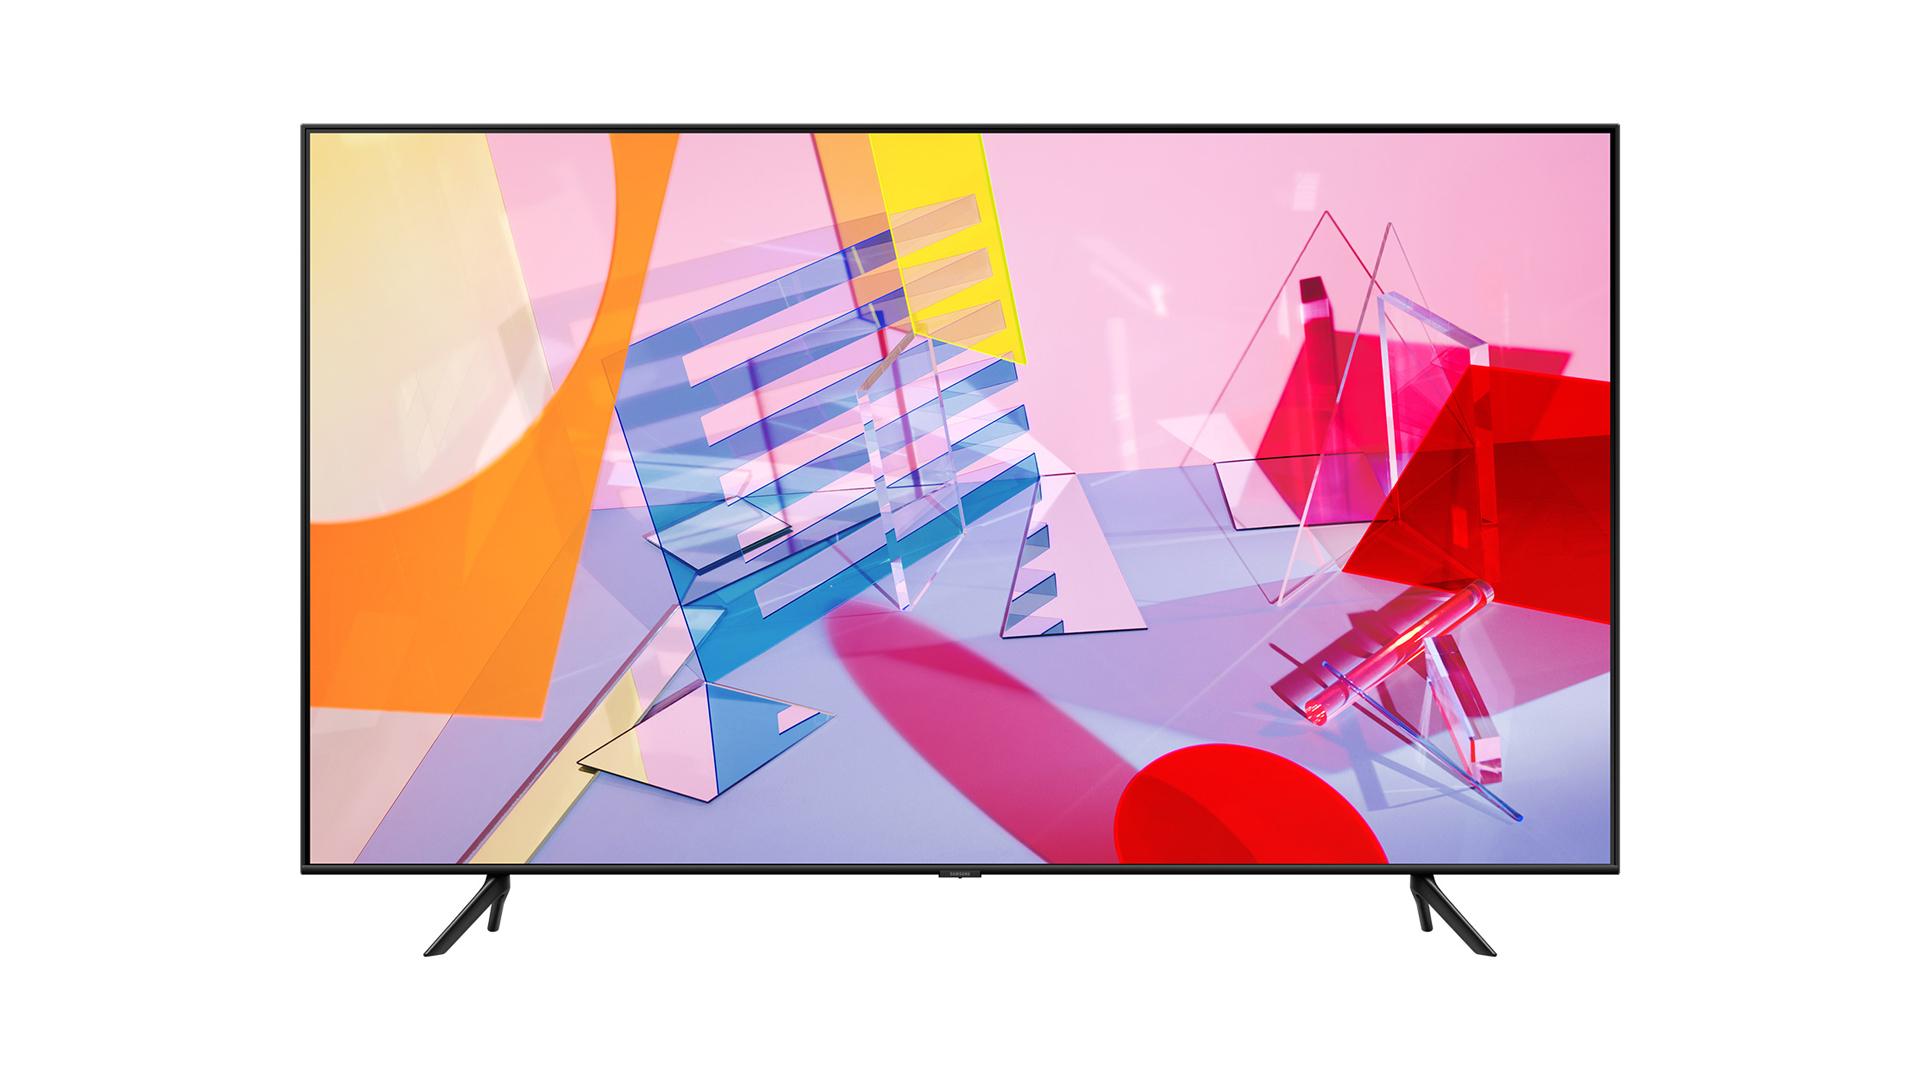 Le TV 55 pouces QLED dernière génération de Samsung passe déjà à 700 €